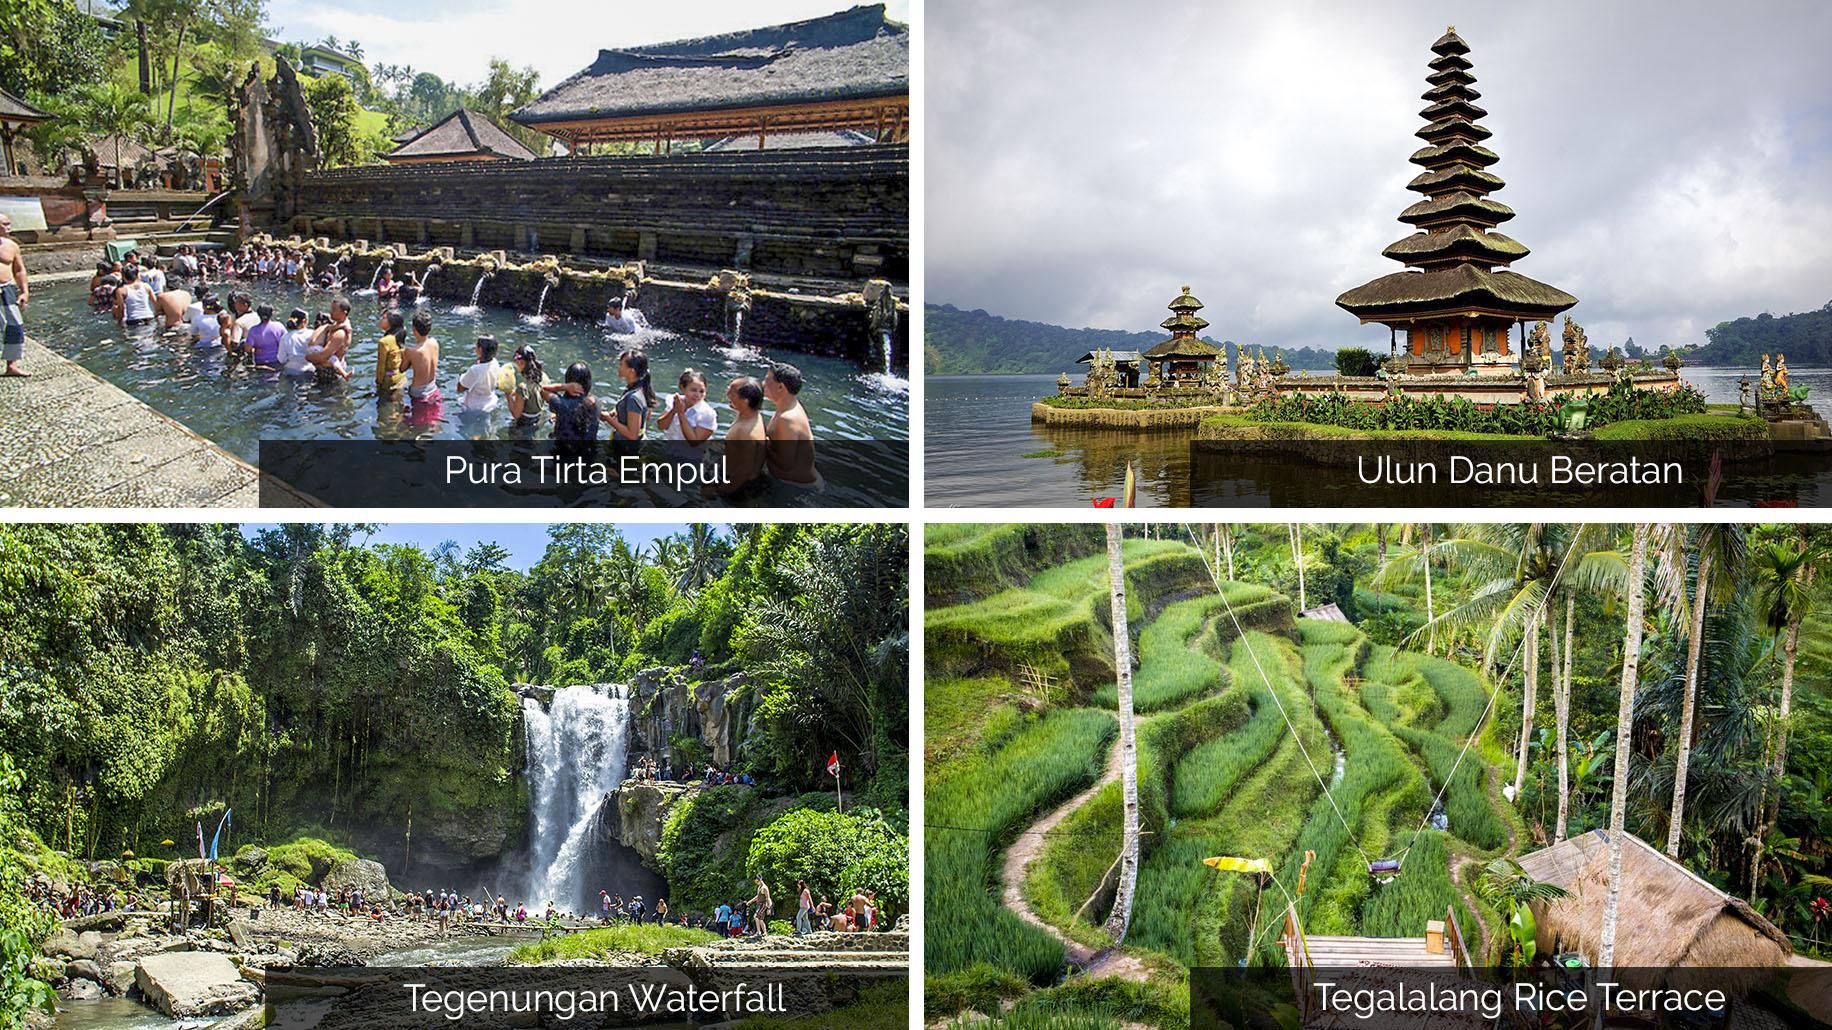 du lịch Bali-Attractions-2- ngaylangthang